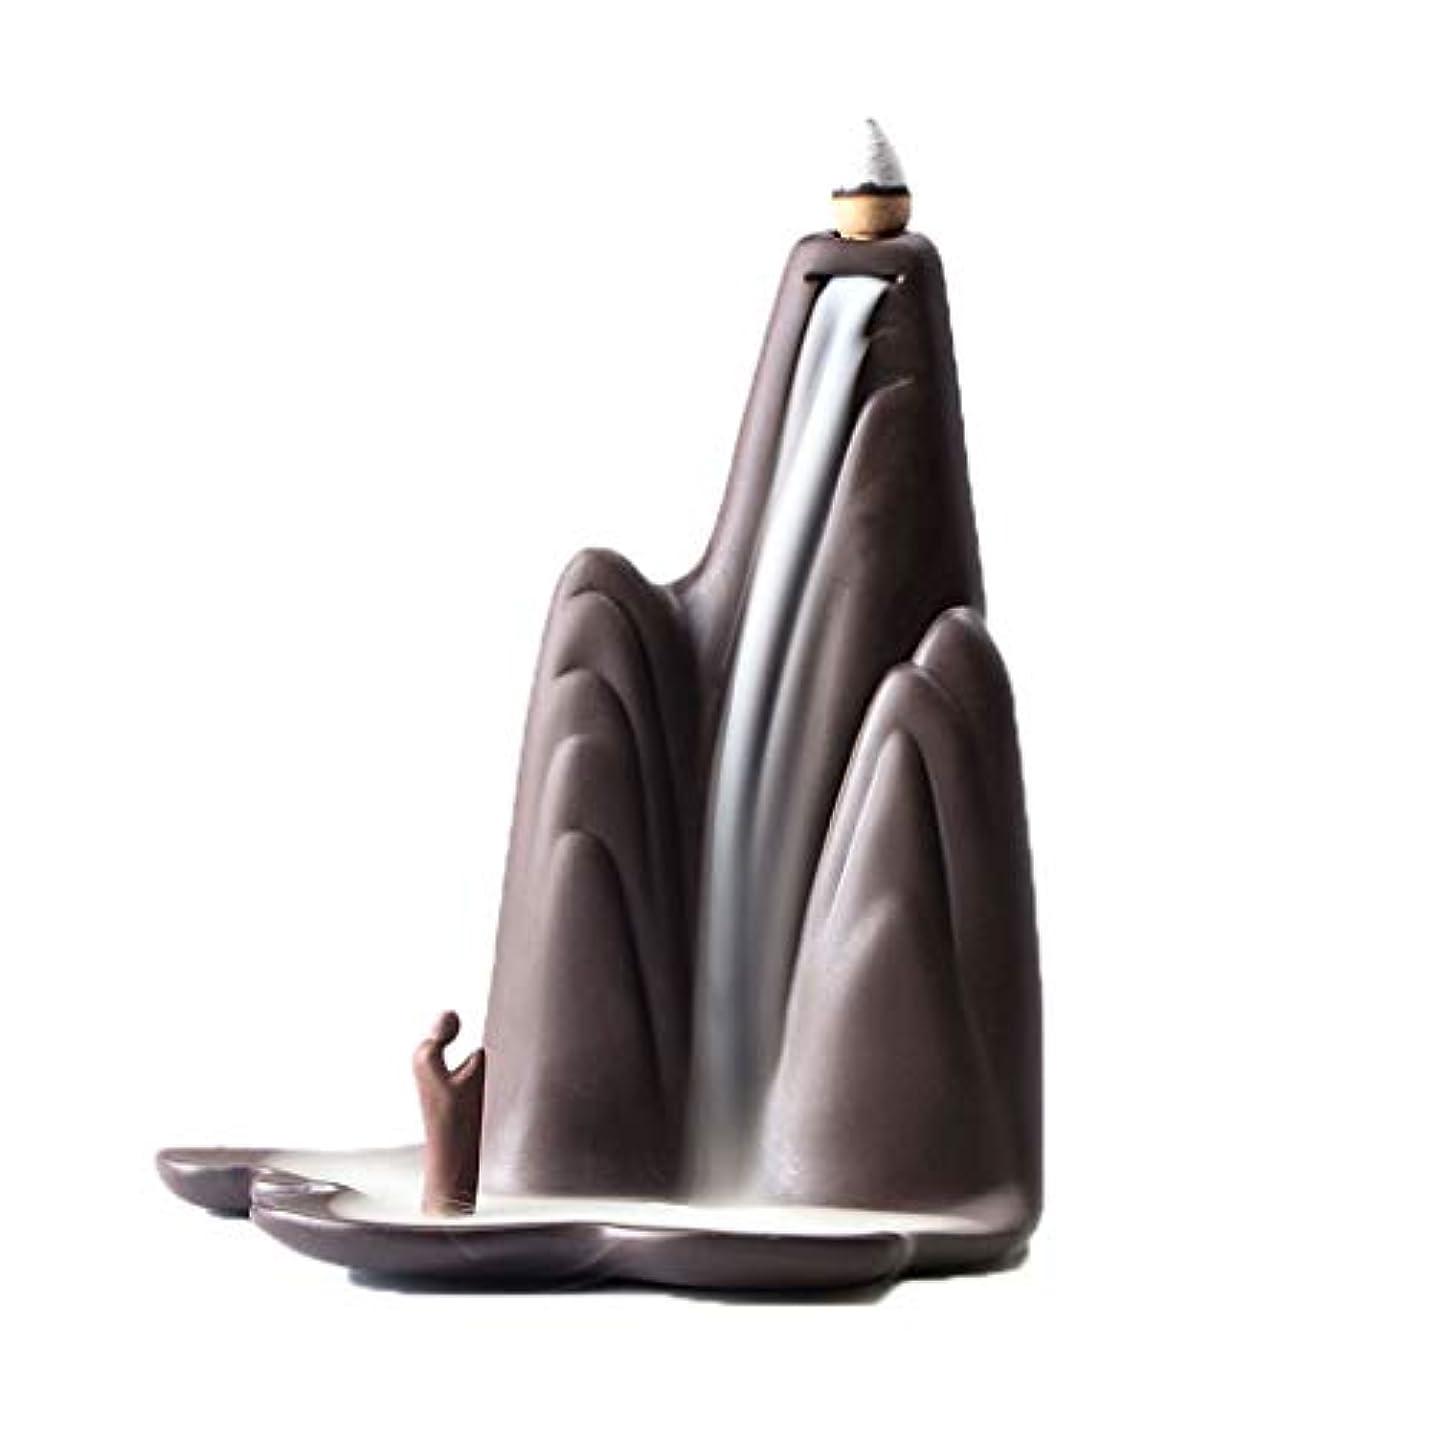 学者偶然の駅芳香器?アロマバーナー レトロな懐かしい香炉紫砂香バーナー屋内茶道香バーナーアロマセラピー炉 芳香器?アロマバーナー (Color : Purple sand)